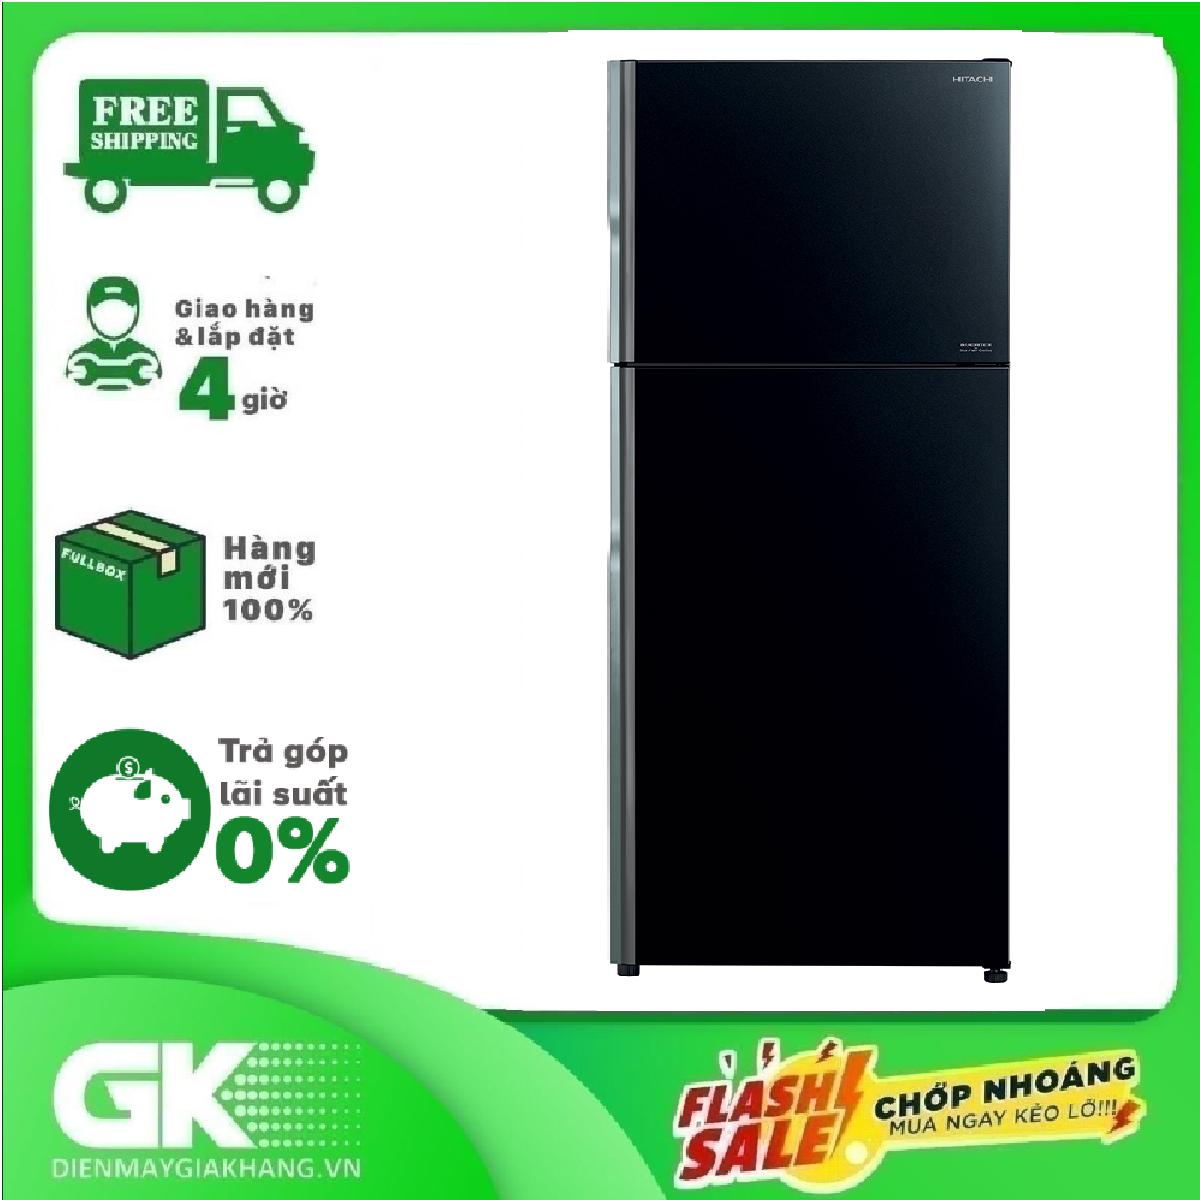 [Trả góp 0%]Tủ lạnh Hitachi Inverter 443 lít R-FVX510PGV9(GBK) 2020